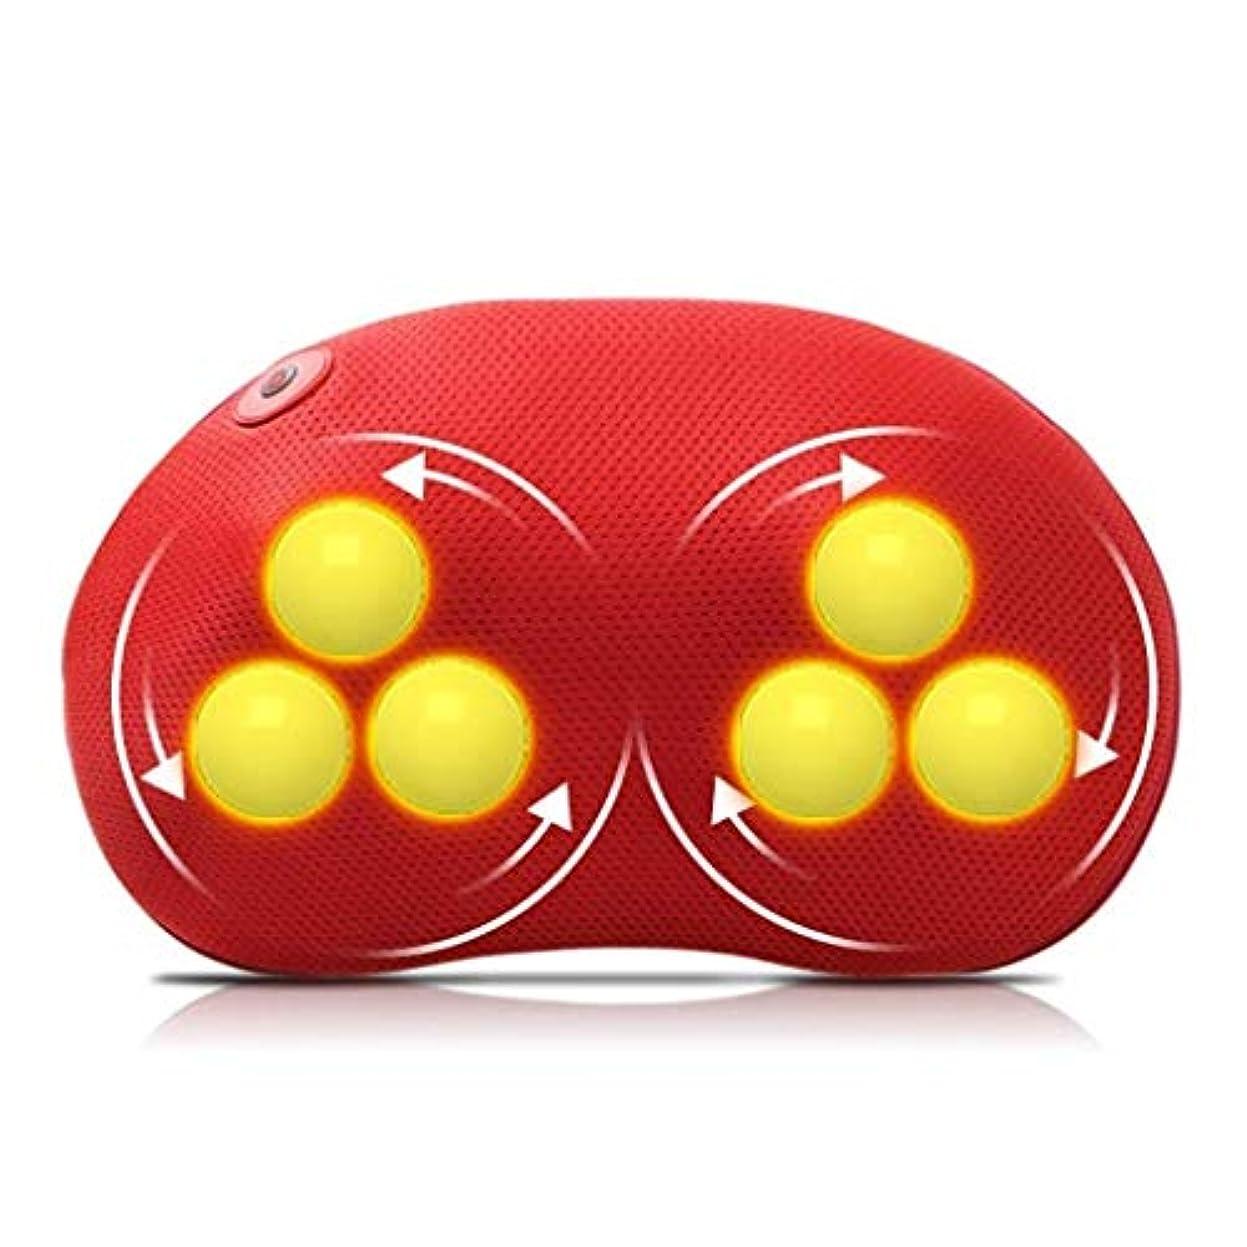 フロンティアミット裸マッサージ枕、首と背中の3Dマッサージ、熱、深練り、首と背中、肩のリラクゼーション筋肉、ホームオフィスでの使用 (Color : 赤)